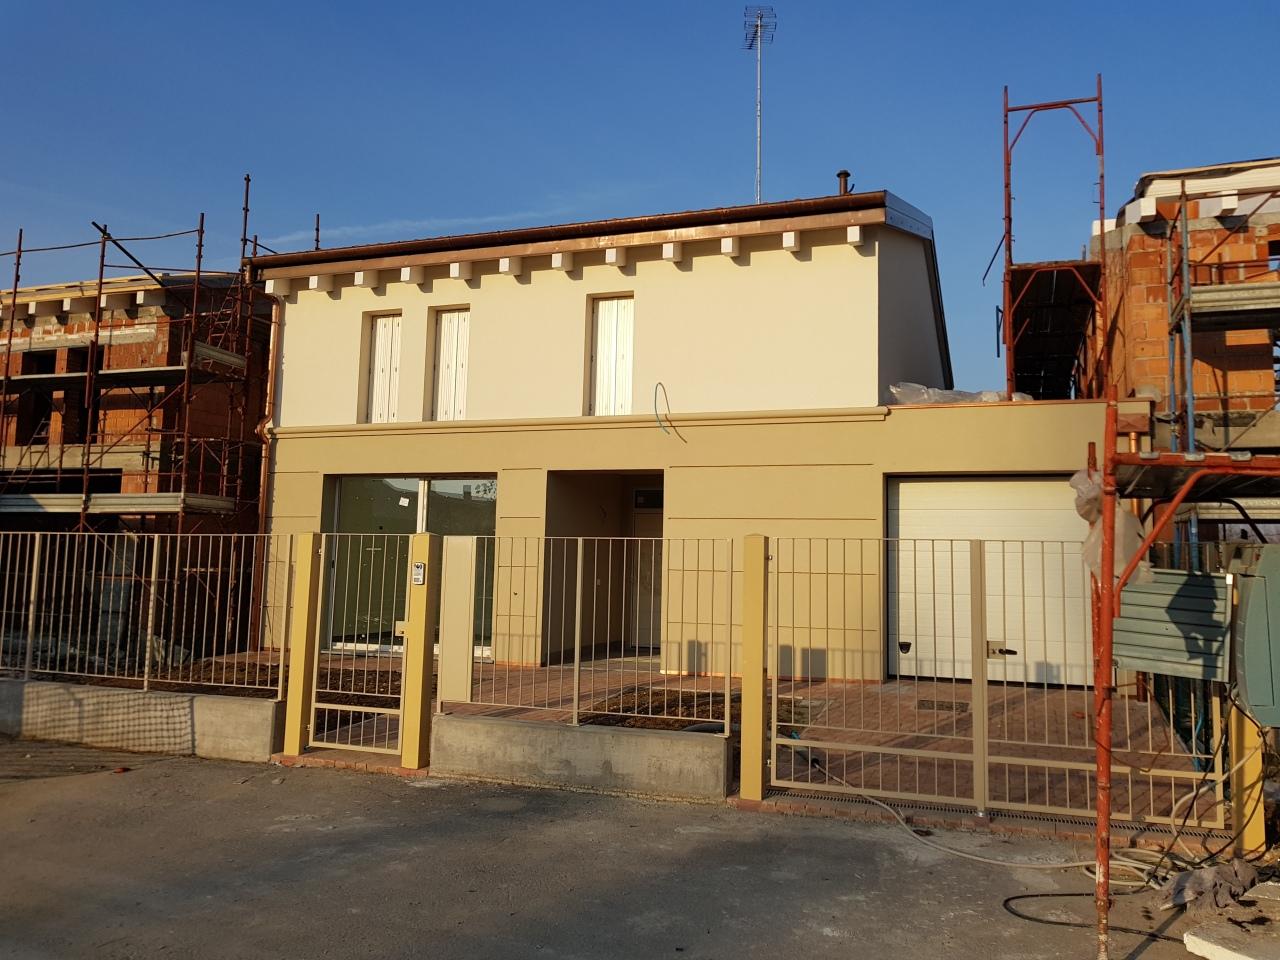 Villa PARMA vendita  Parma Città Sud  Immobilgest snc di Feher Istvan e Molino Filippo